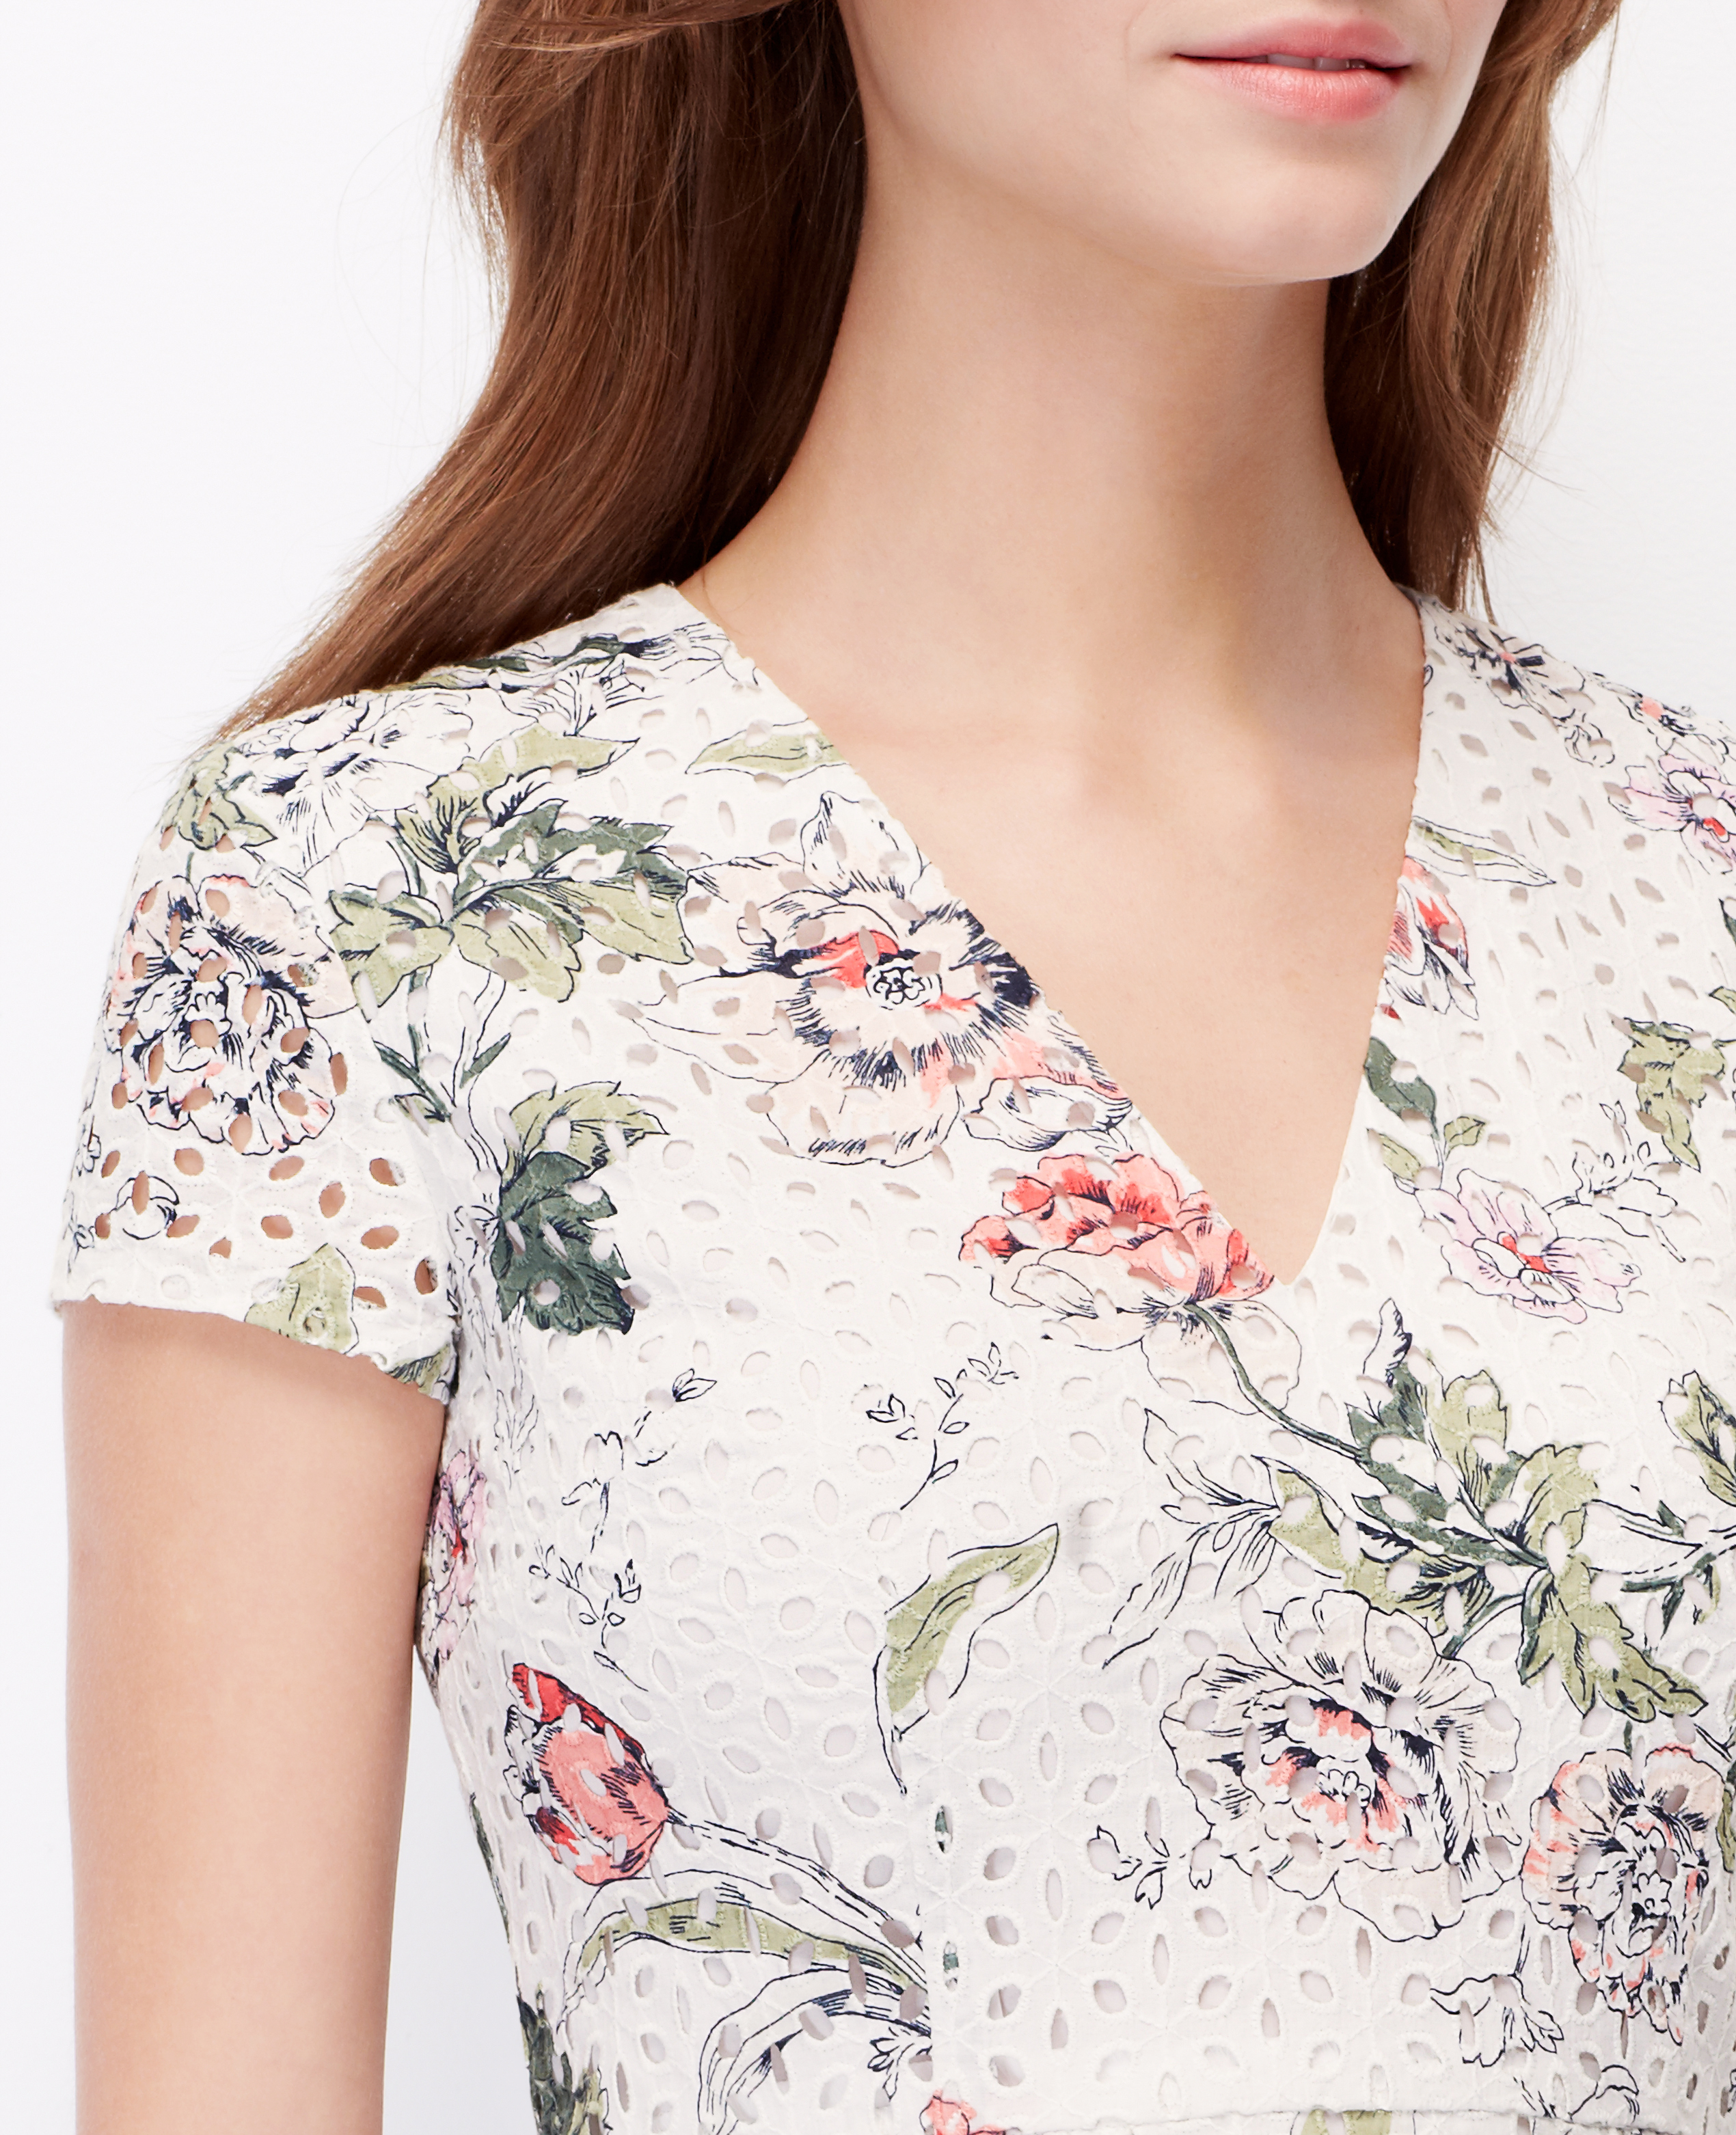 d53a31603d Ann Taylor Petite Floral Eyelet Dress - Lyst